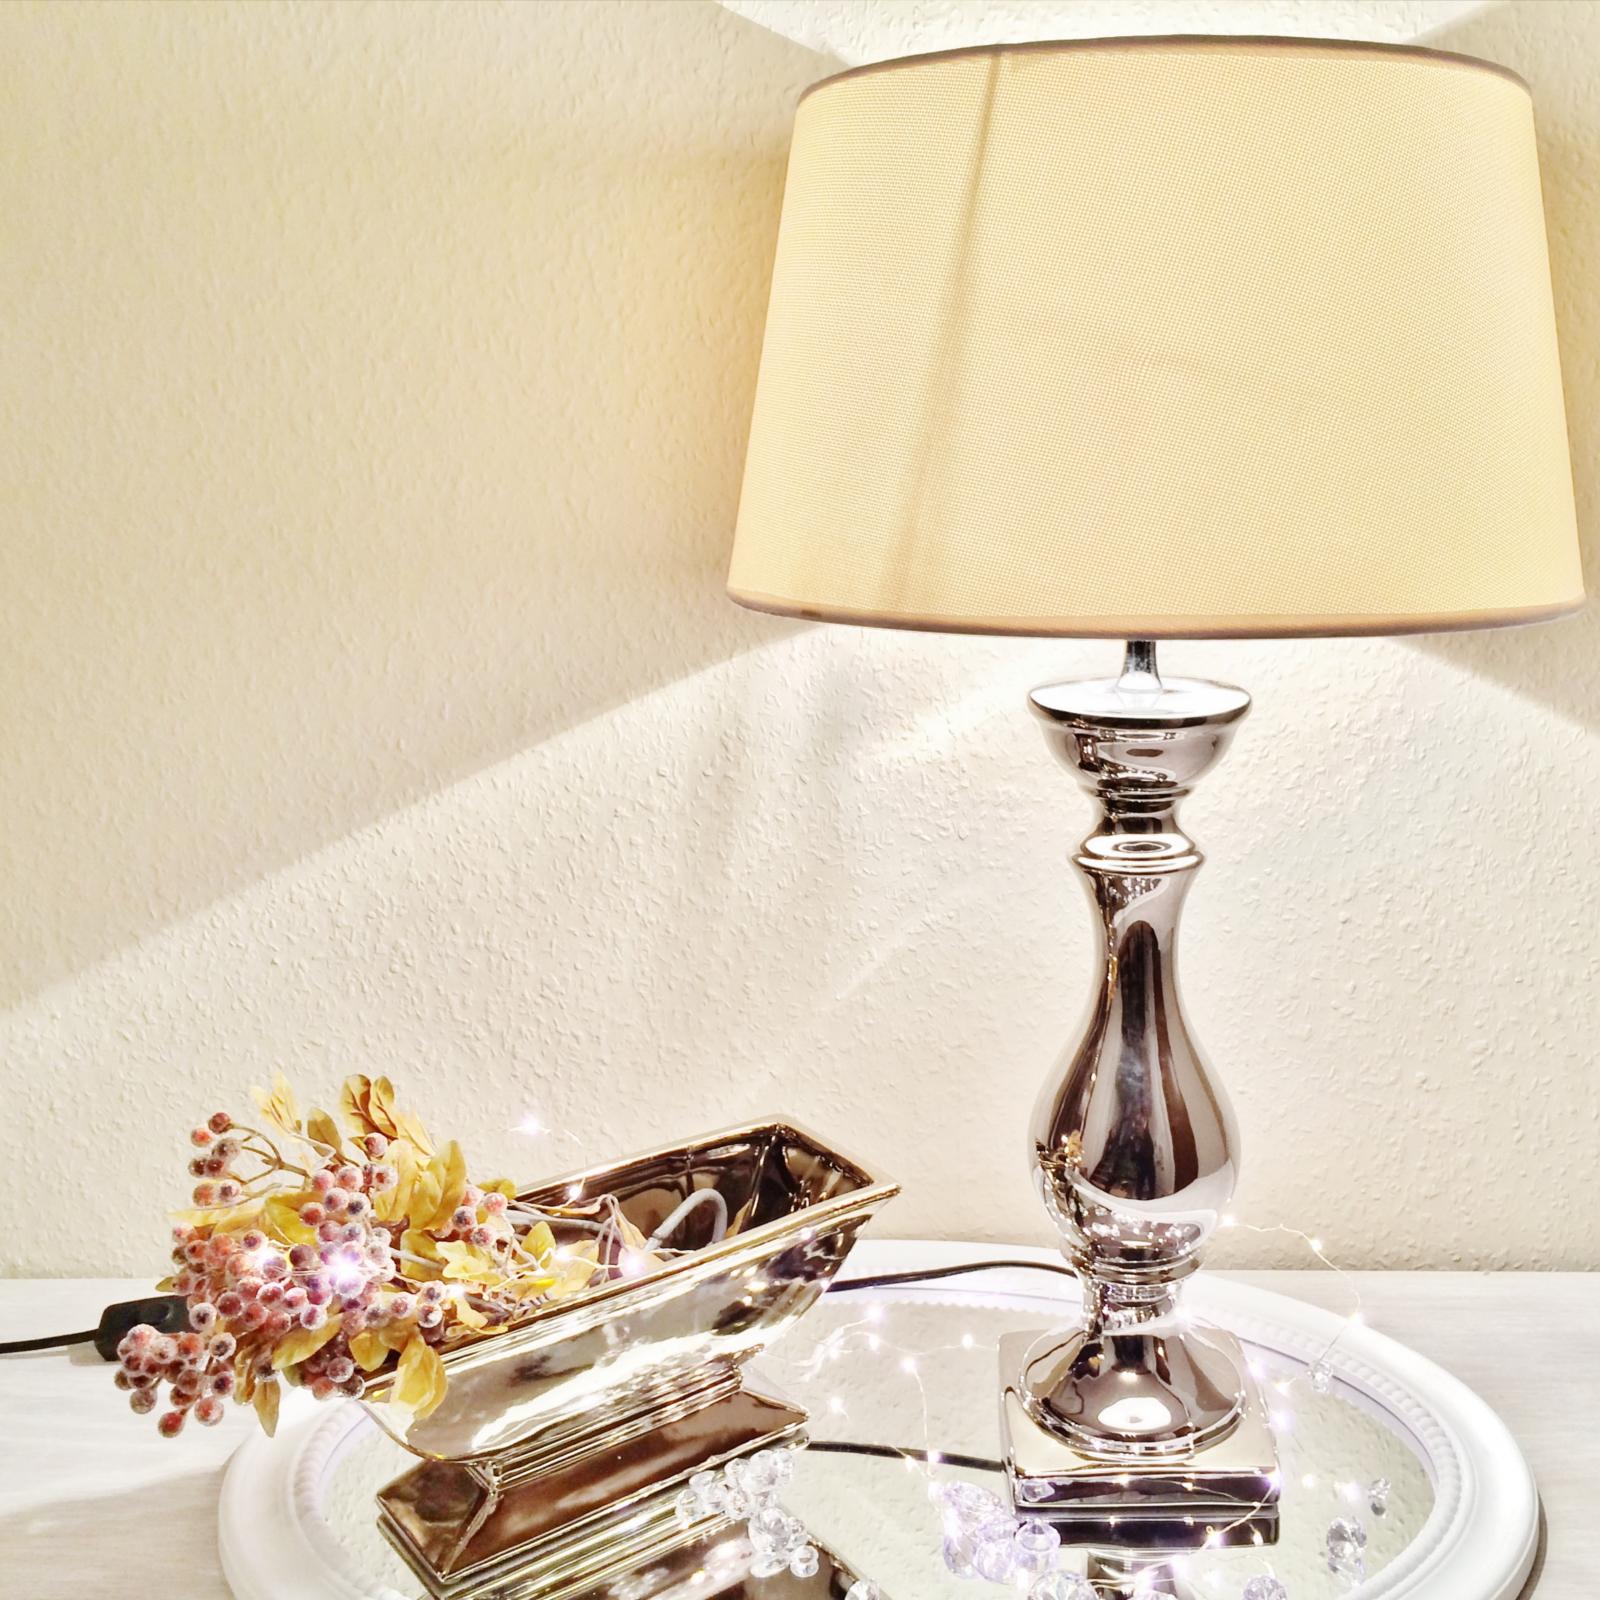 Keramik lampen lampenfu lampenschirm tischlampe for Lampenschirm tischlampe